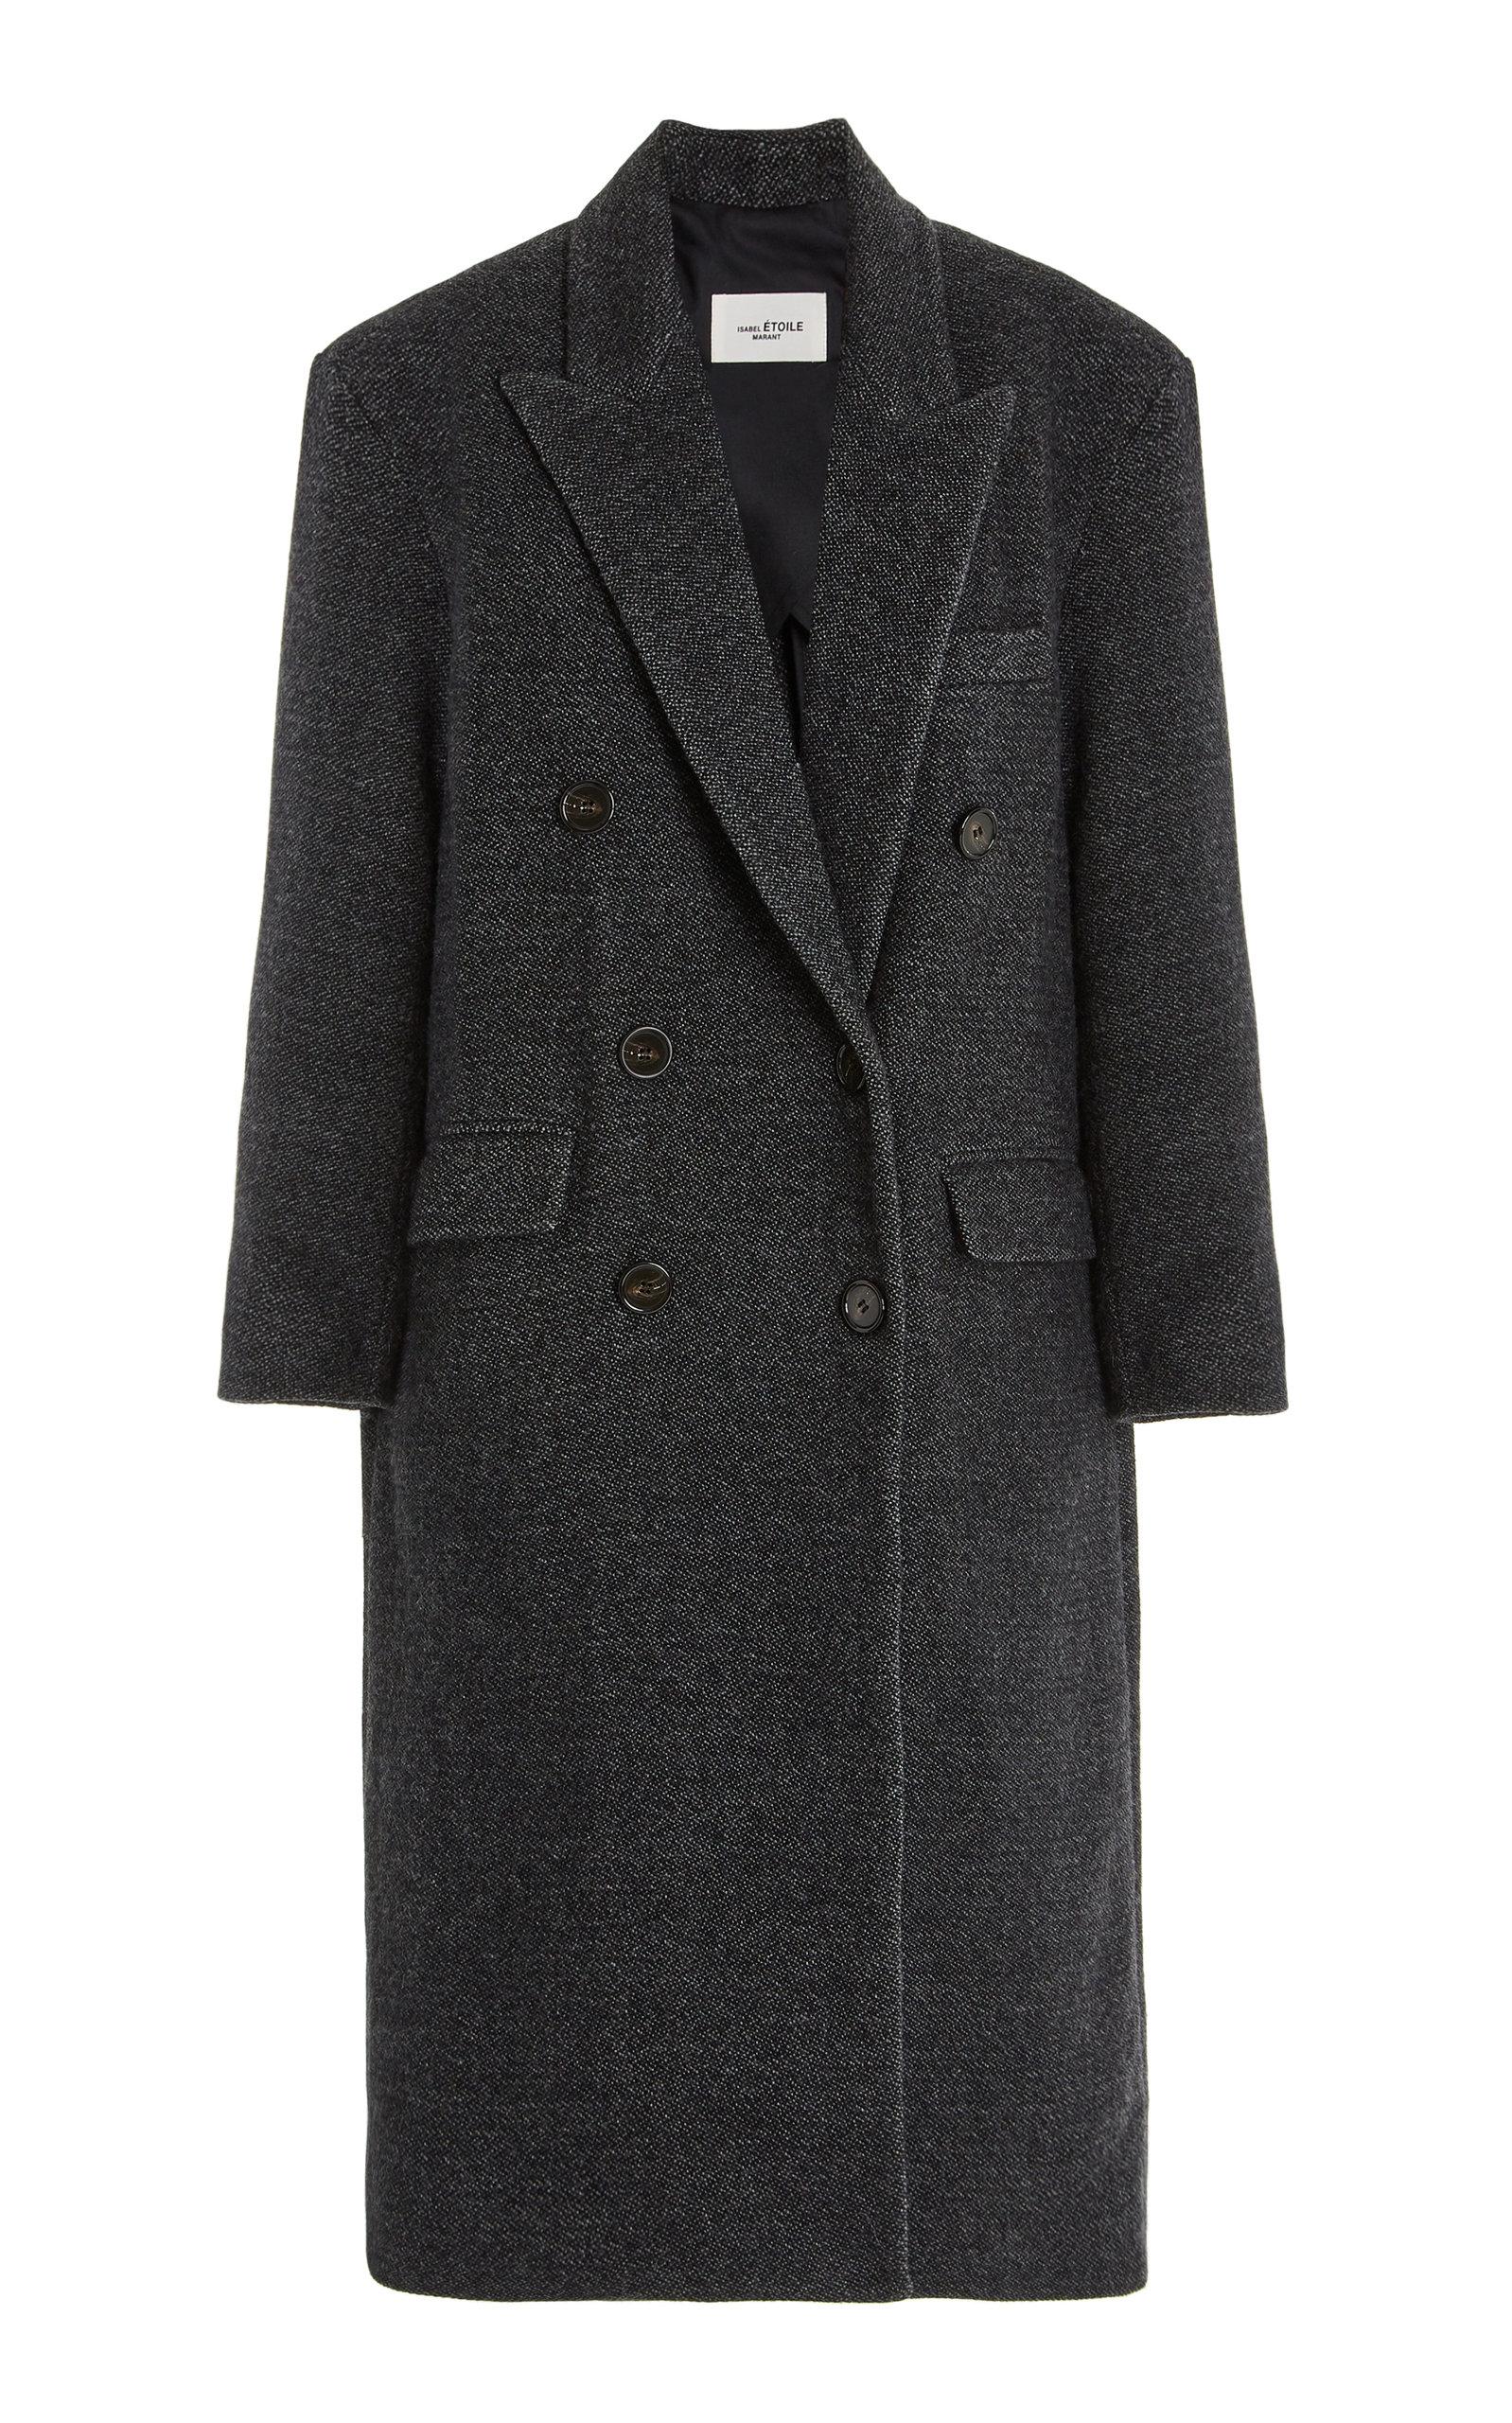 Women's Lojima Double-Breasted Wool-Blend Coat